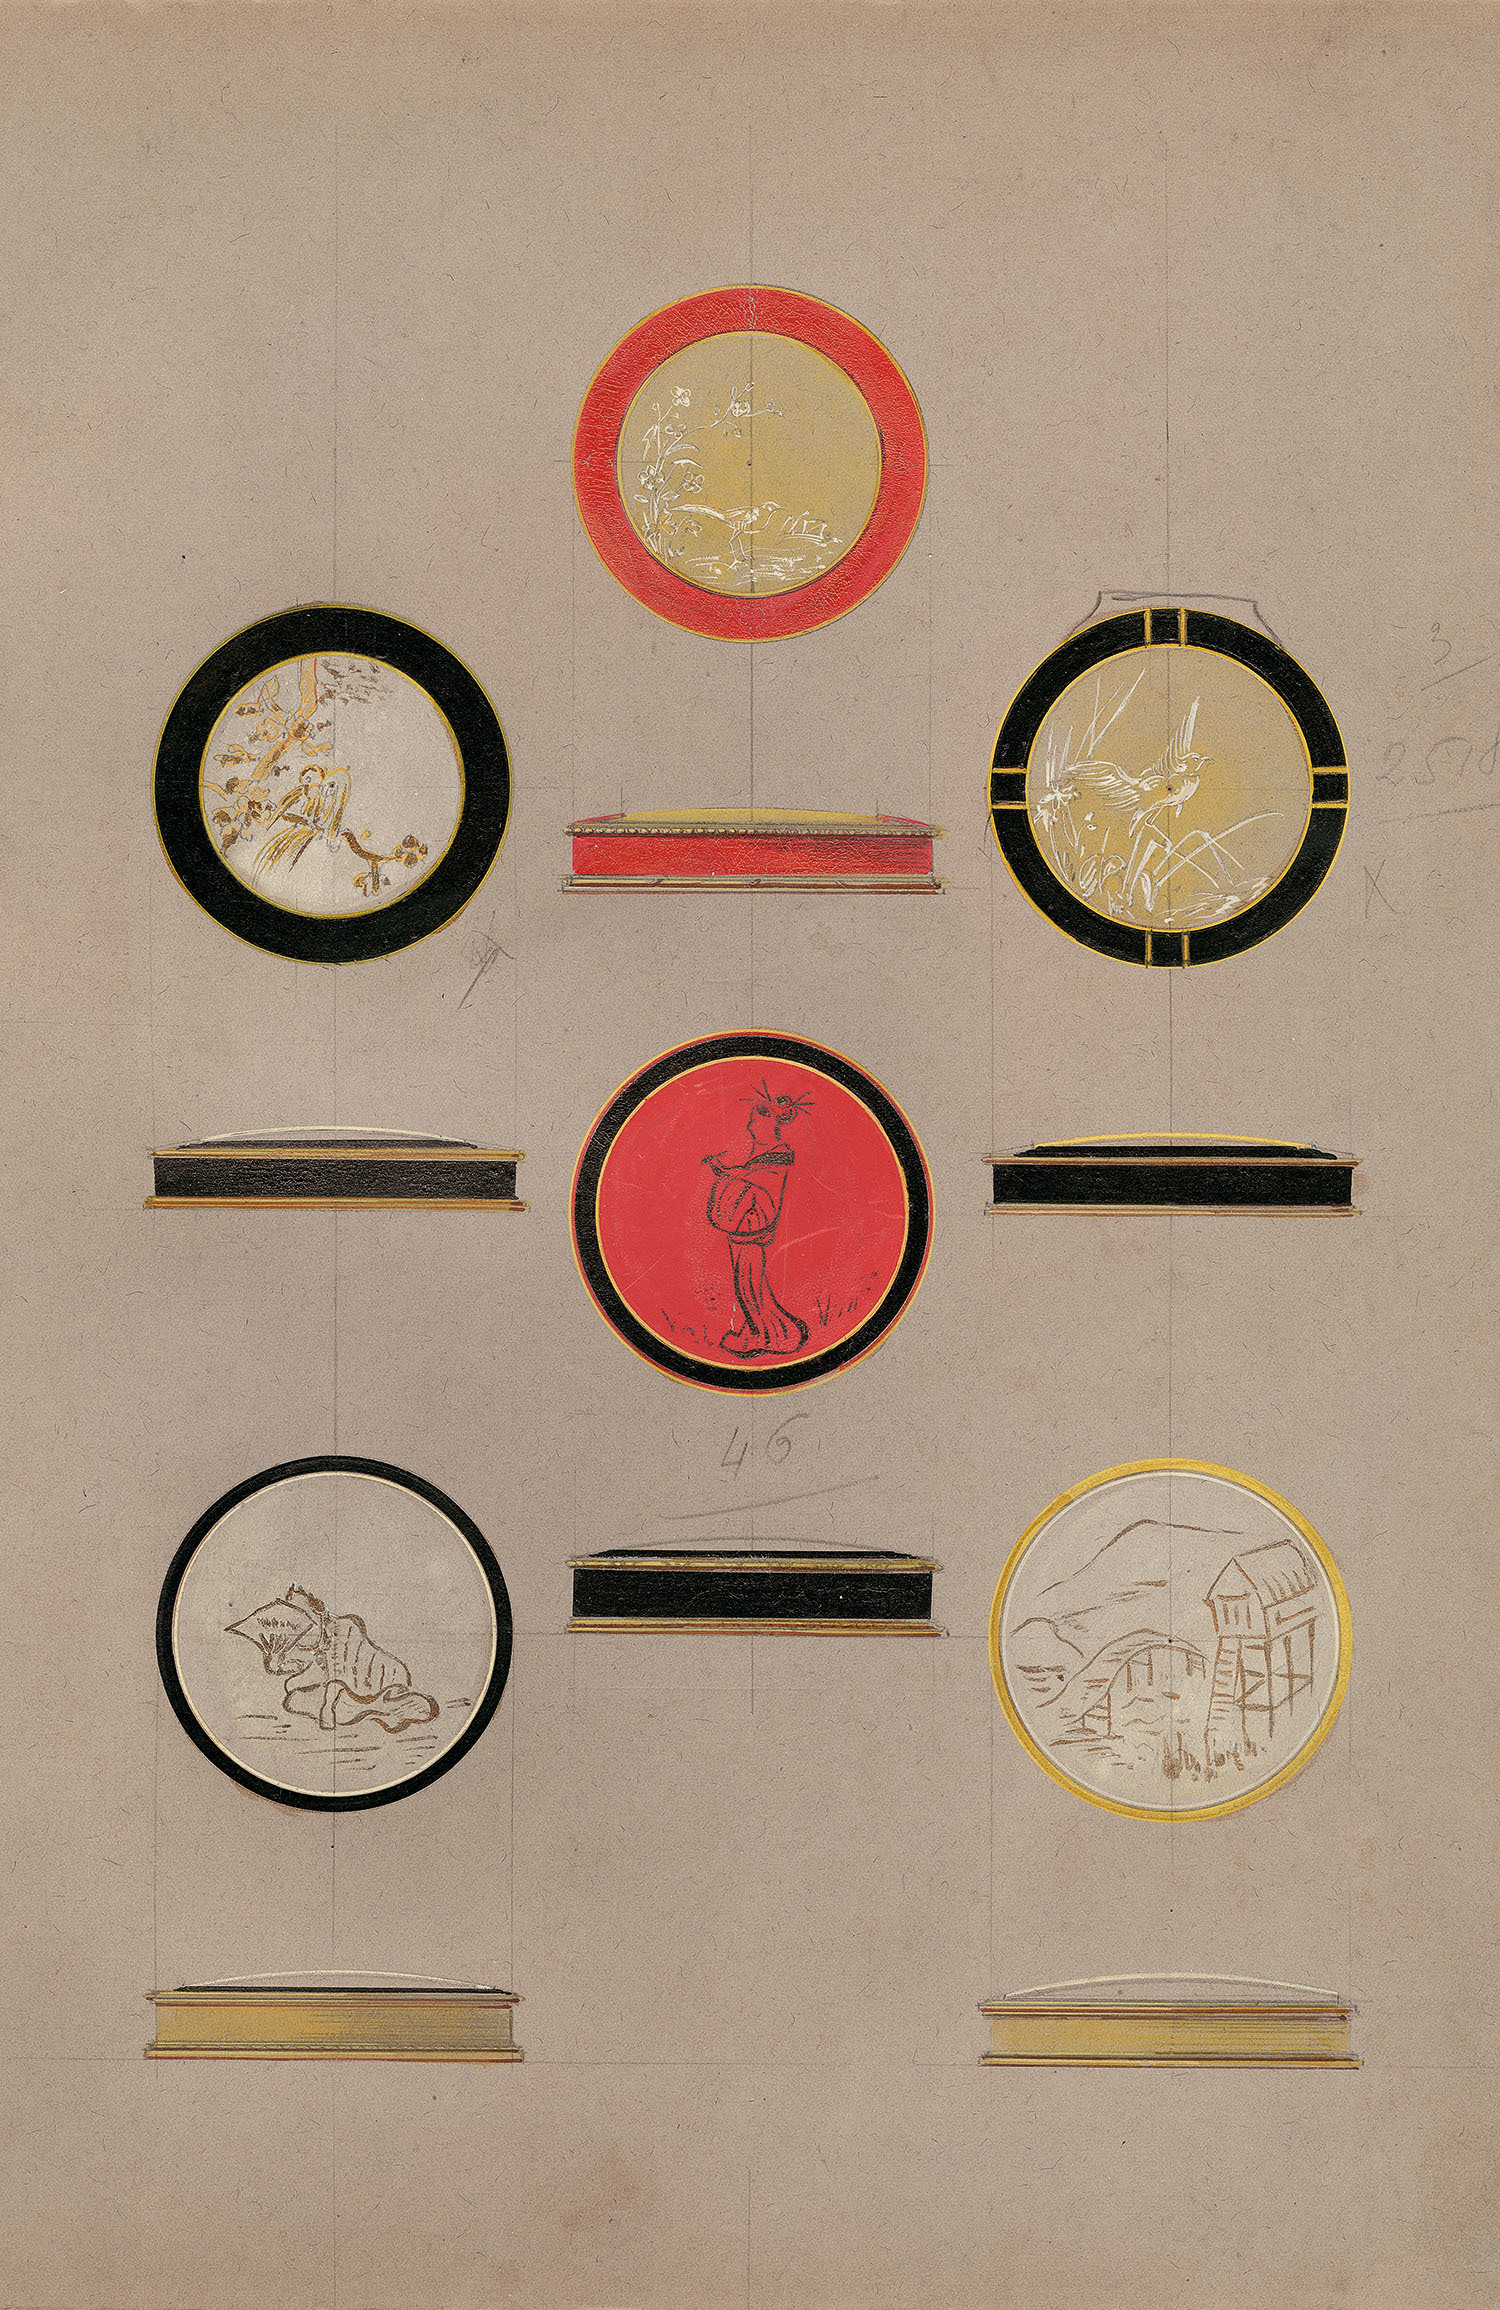 ショーメデザイン工房 《「日本風」のデザイン画》 人物、風景、自然モティーフの化粧ケース 1925年頃 鉛筆、グアッシュ、墨 ショーメ・コレクション、パリ (C) Chaumet